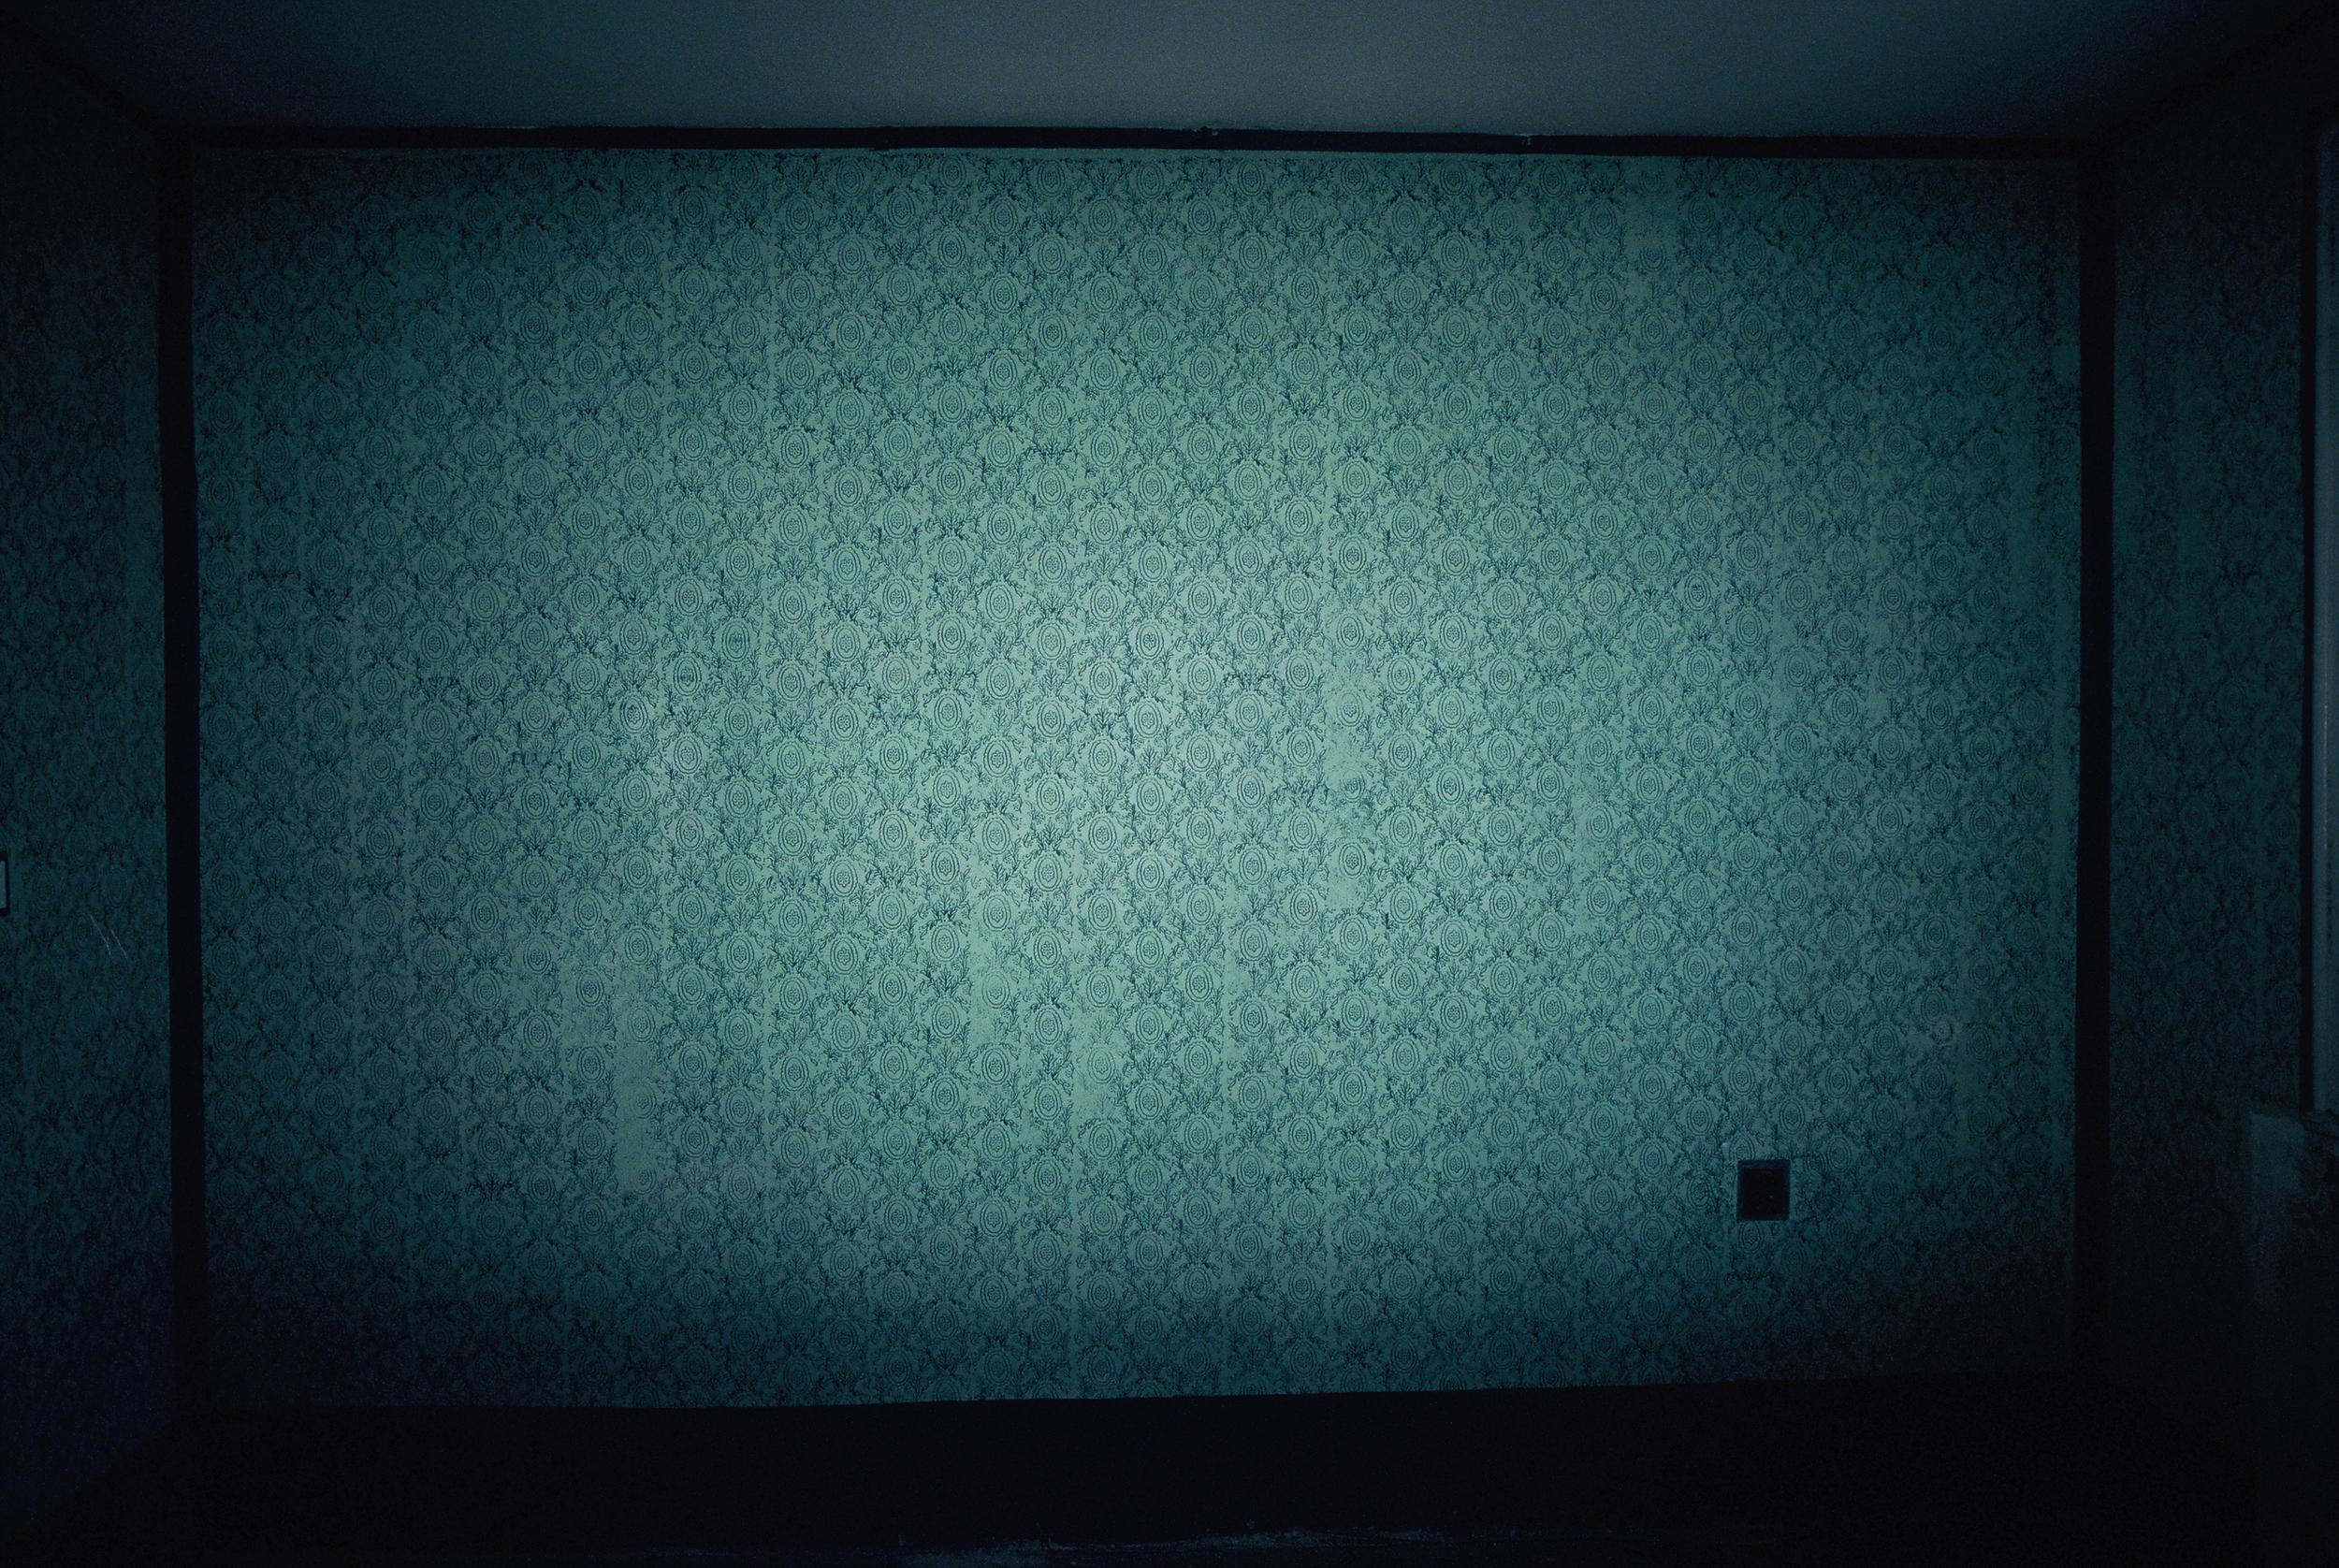 000006-2.jpg